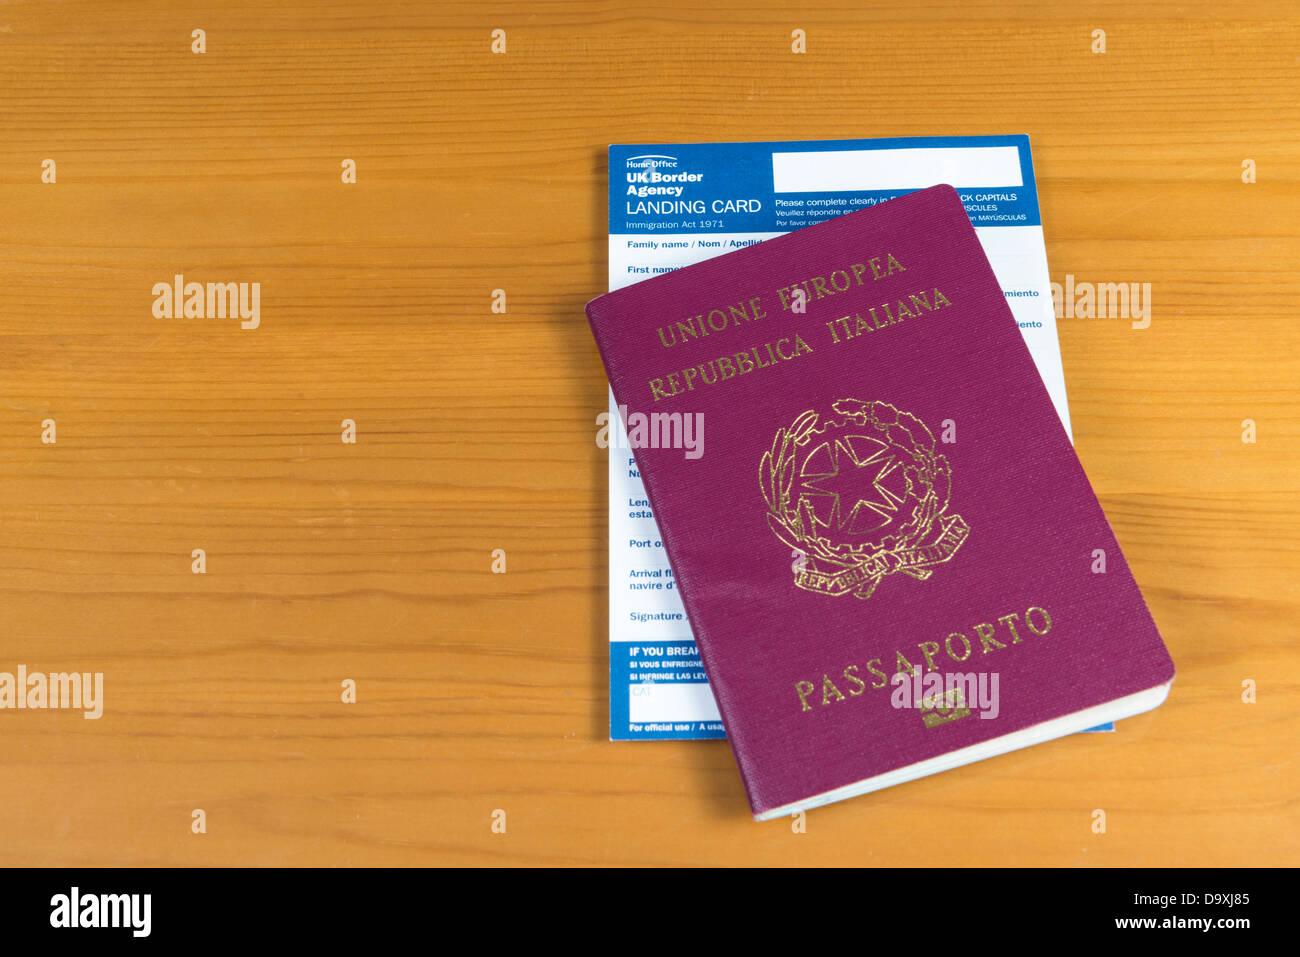 Landing Card Stock Photos & Landing Card Stock Images - Alamy